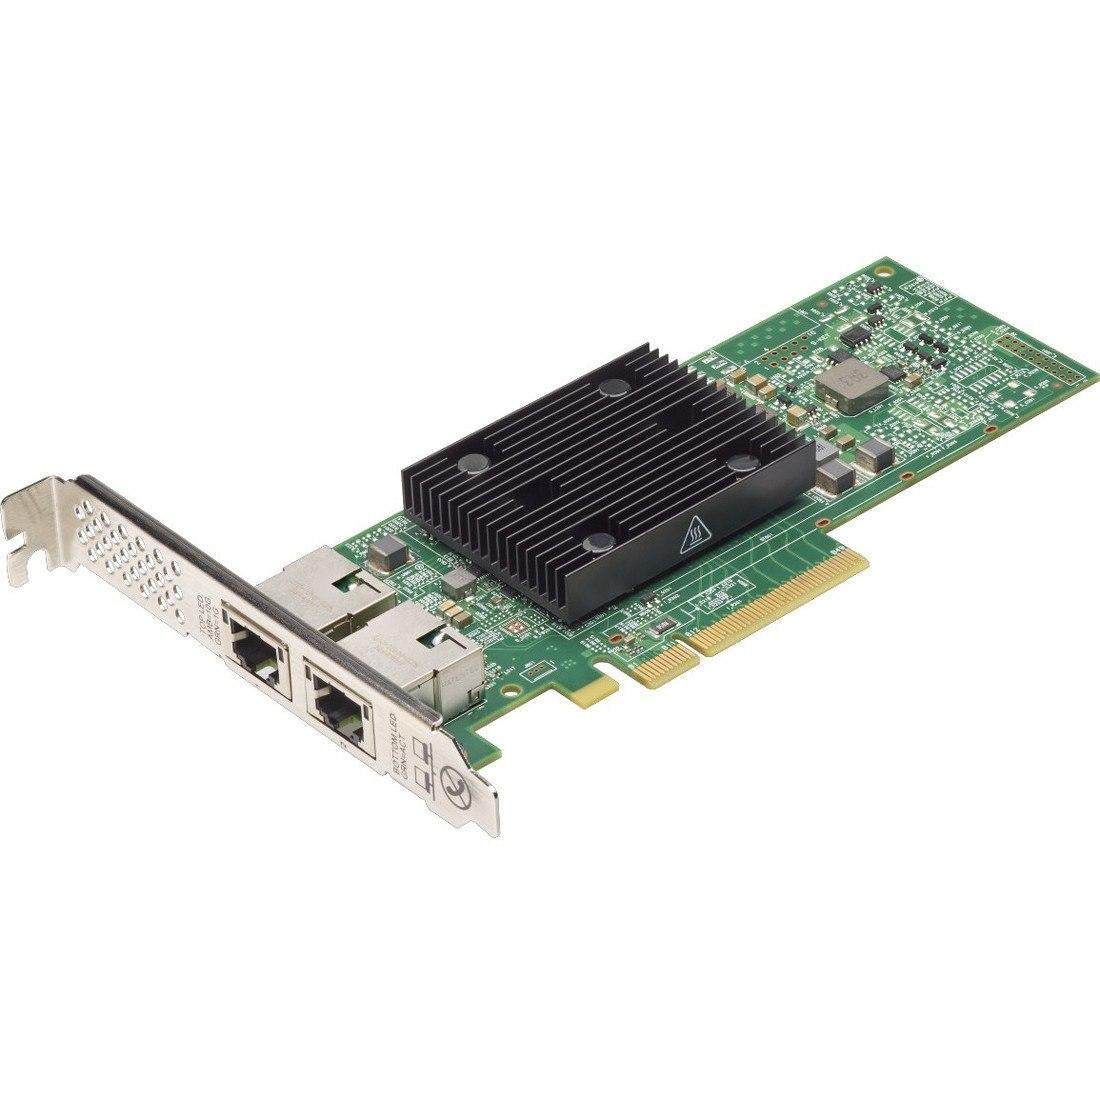 Lenovo 10Gigabit Ethernet Card for Server